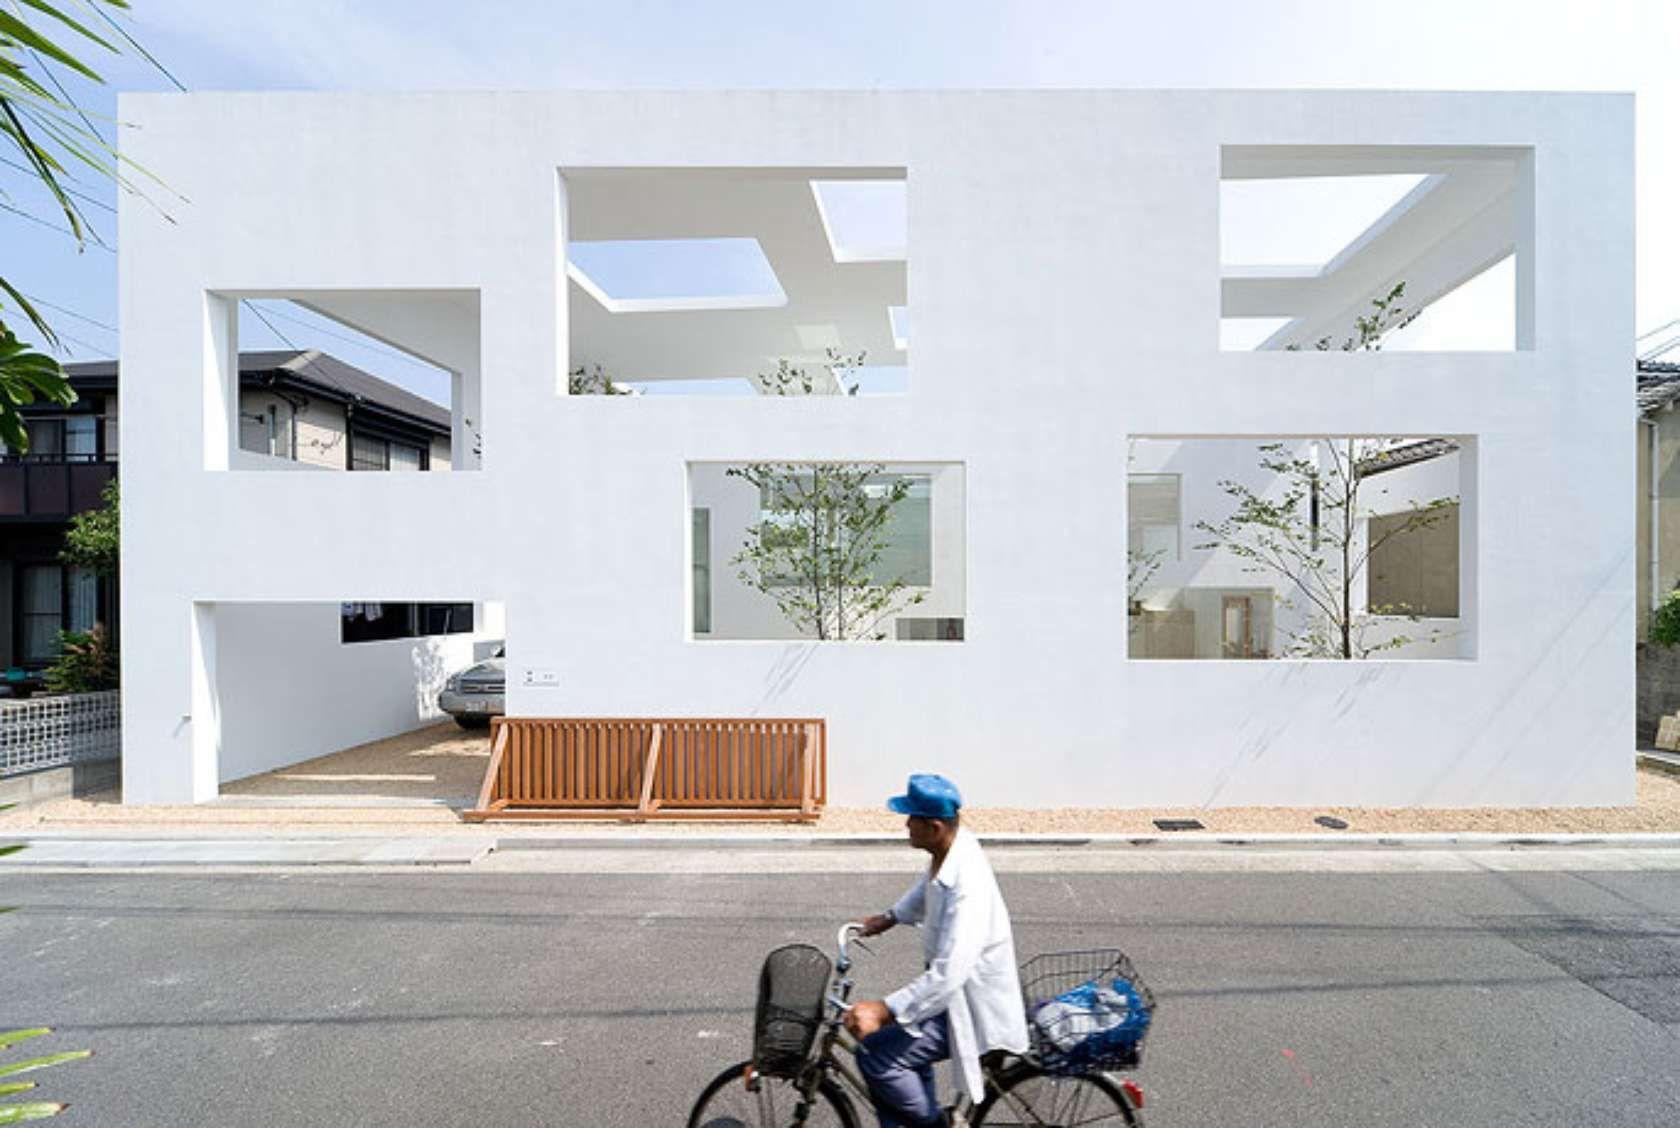 House N - Exterior - modlar.com